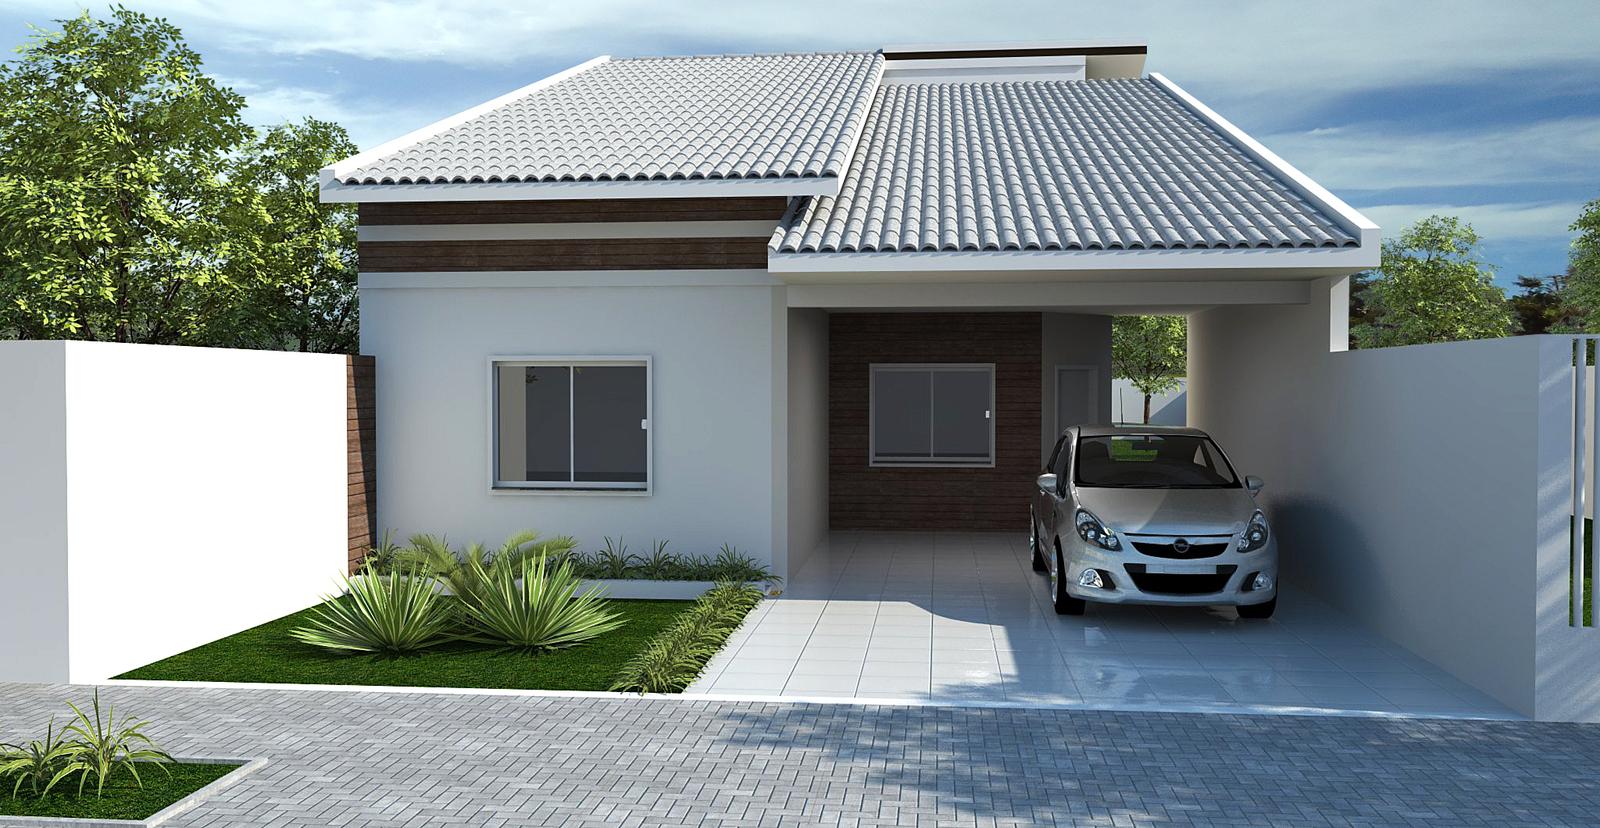 10 modelos de fachadas de casas baratas for Casas sencillas y economicas